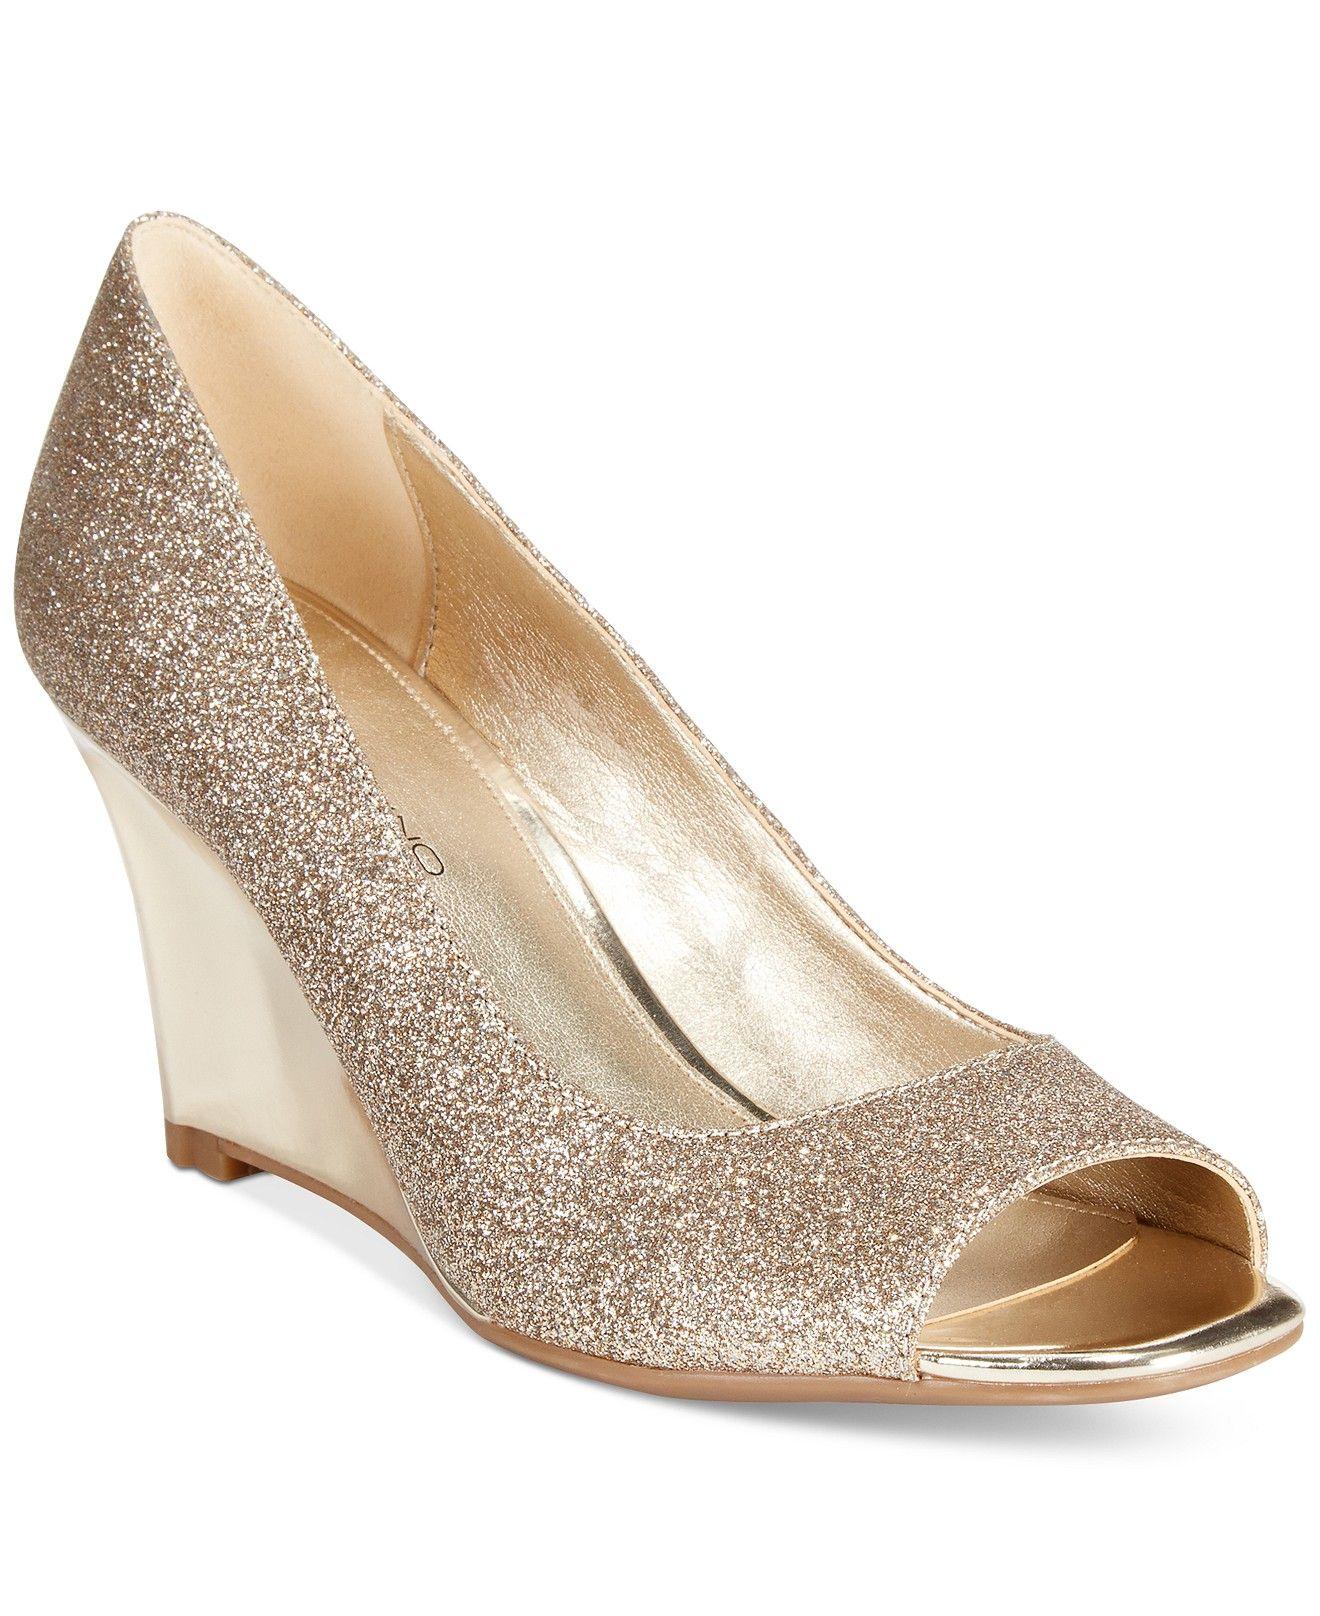 Bandolino Jamila Peep Toe Pumps Wedges Shoes Macys